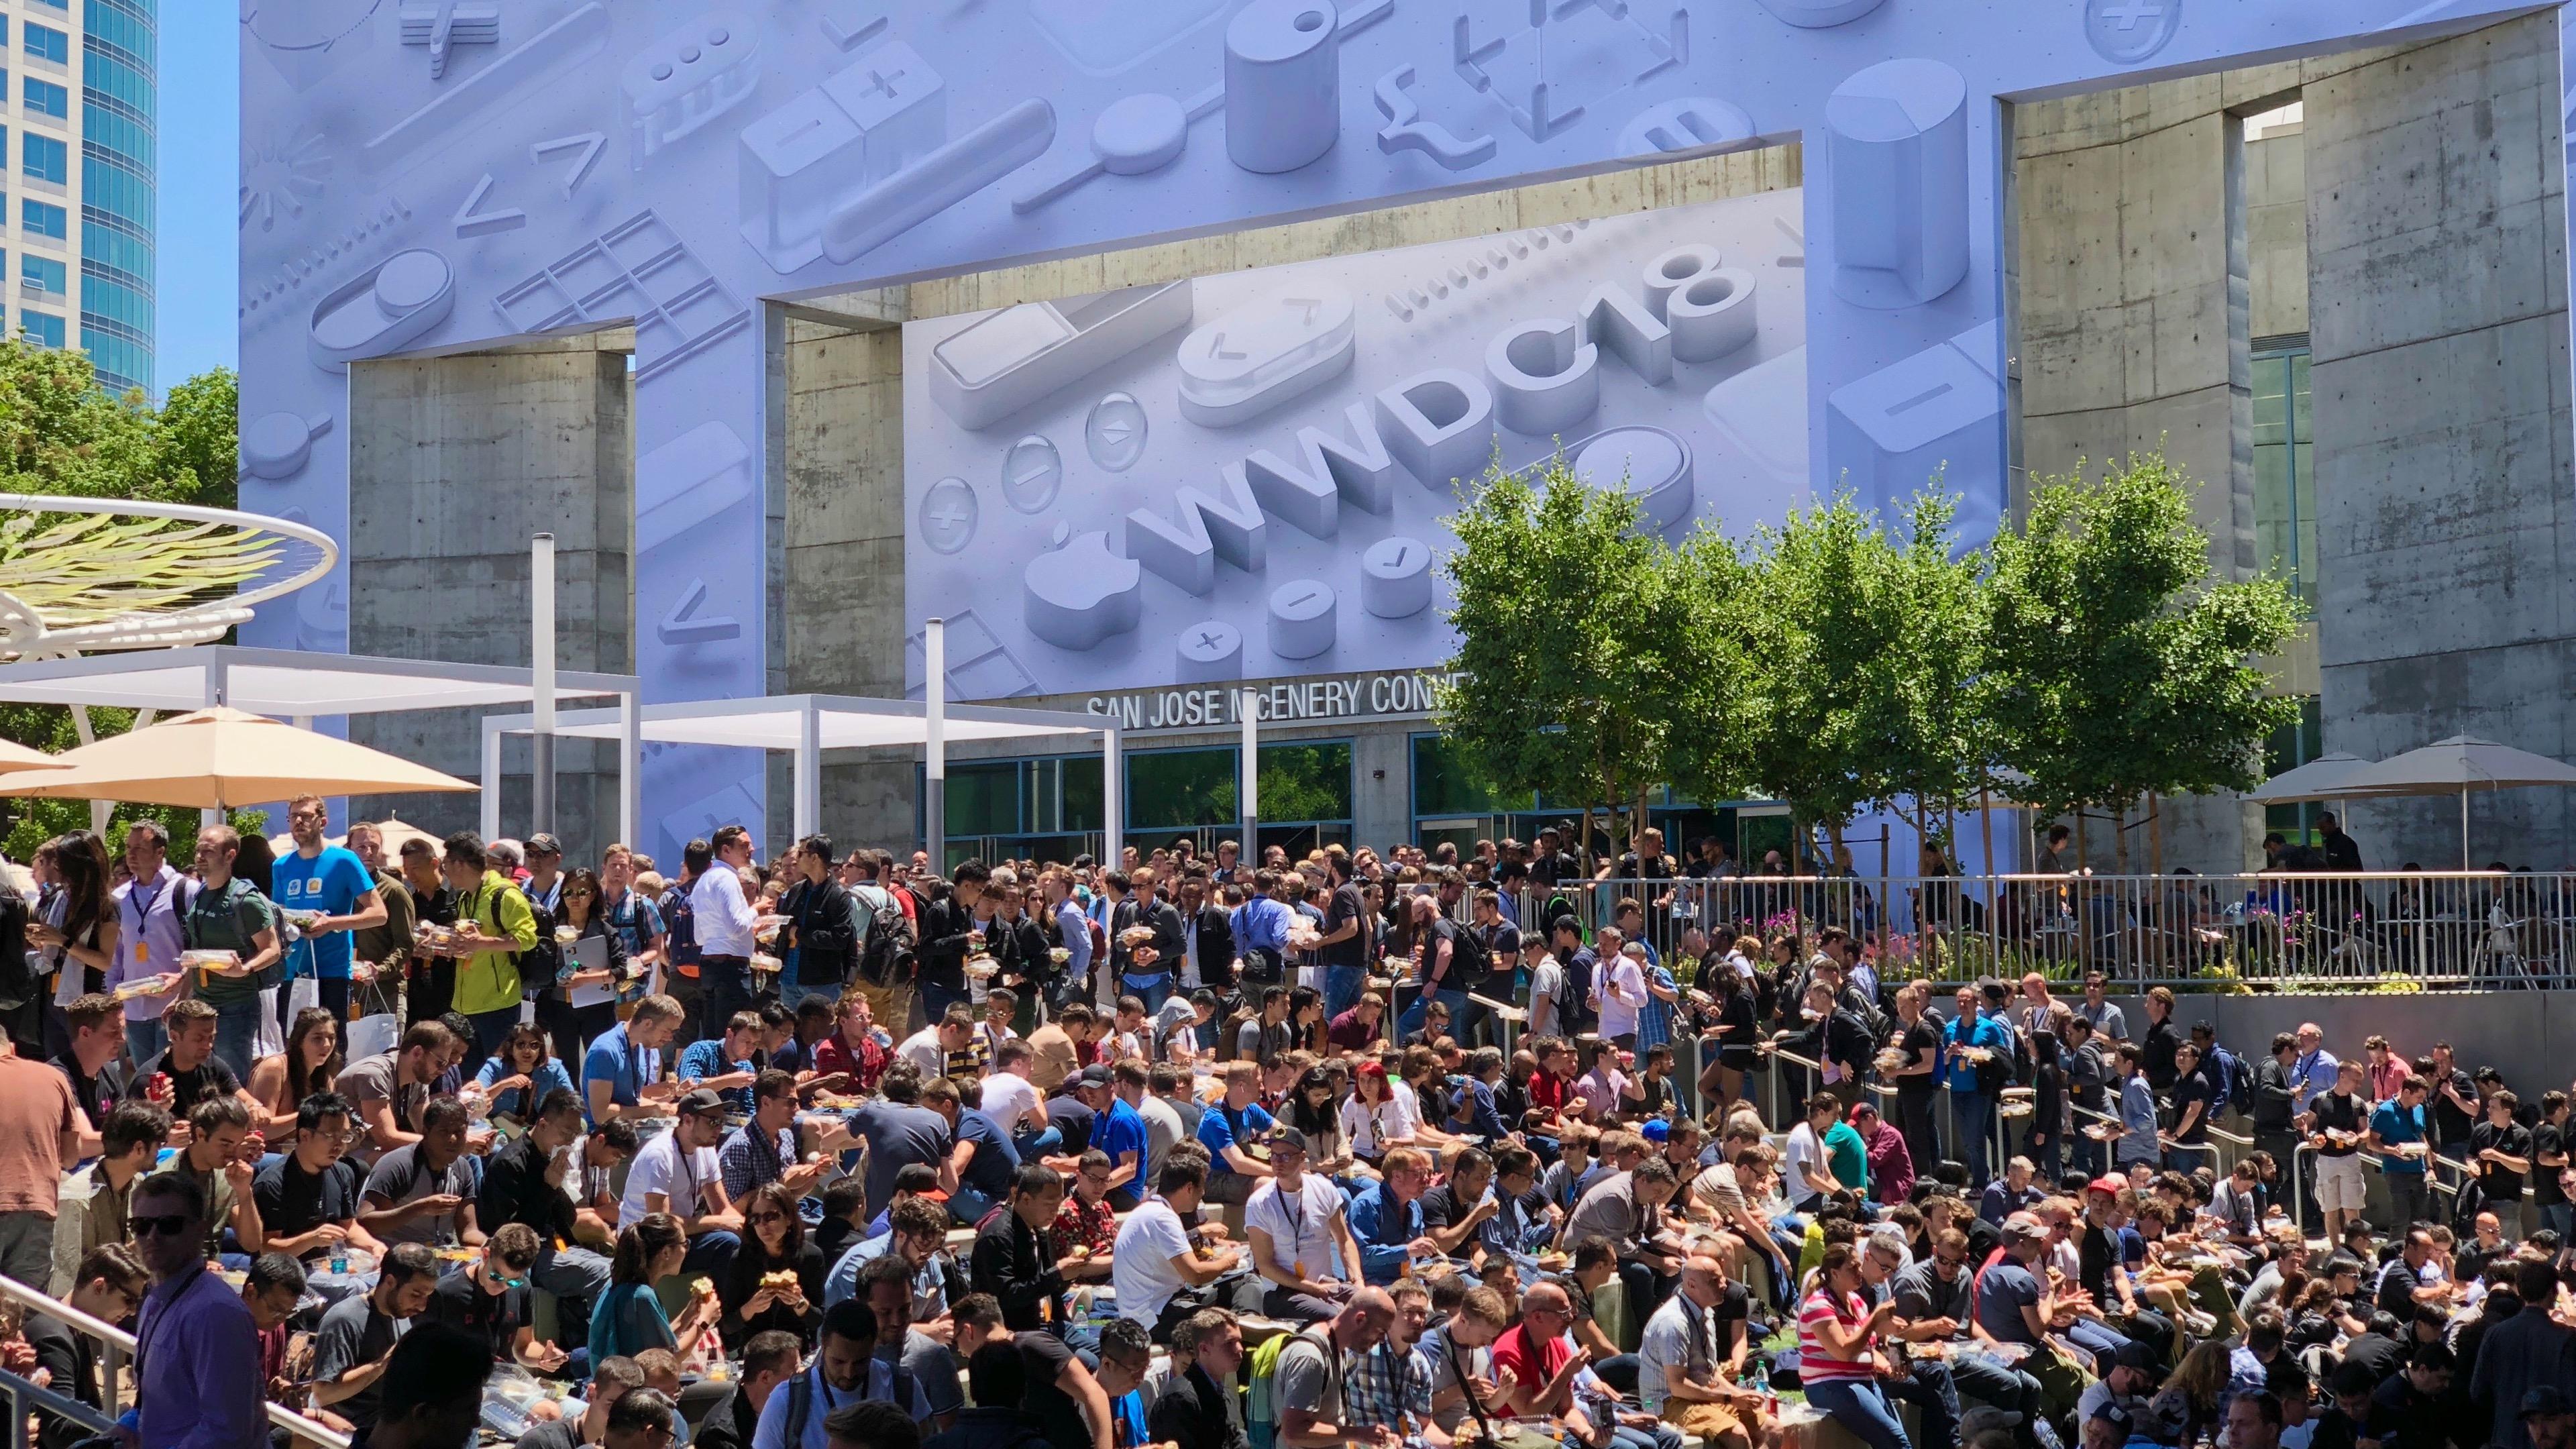 Apple opens WWDC 2019 registration, kicks off June 3 in San Jose